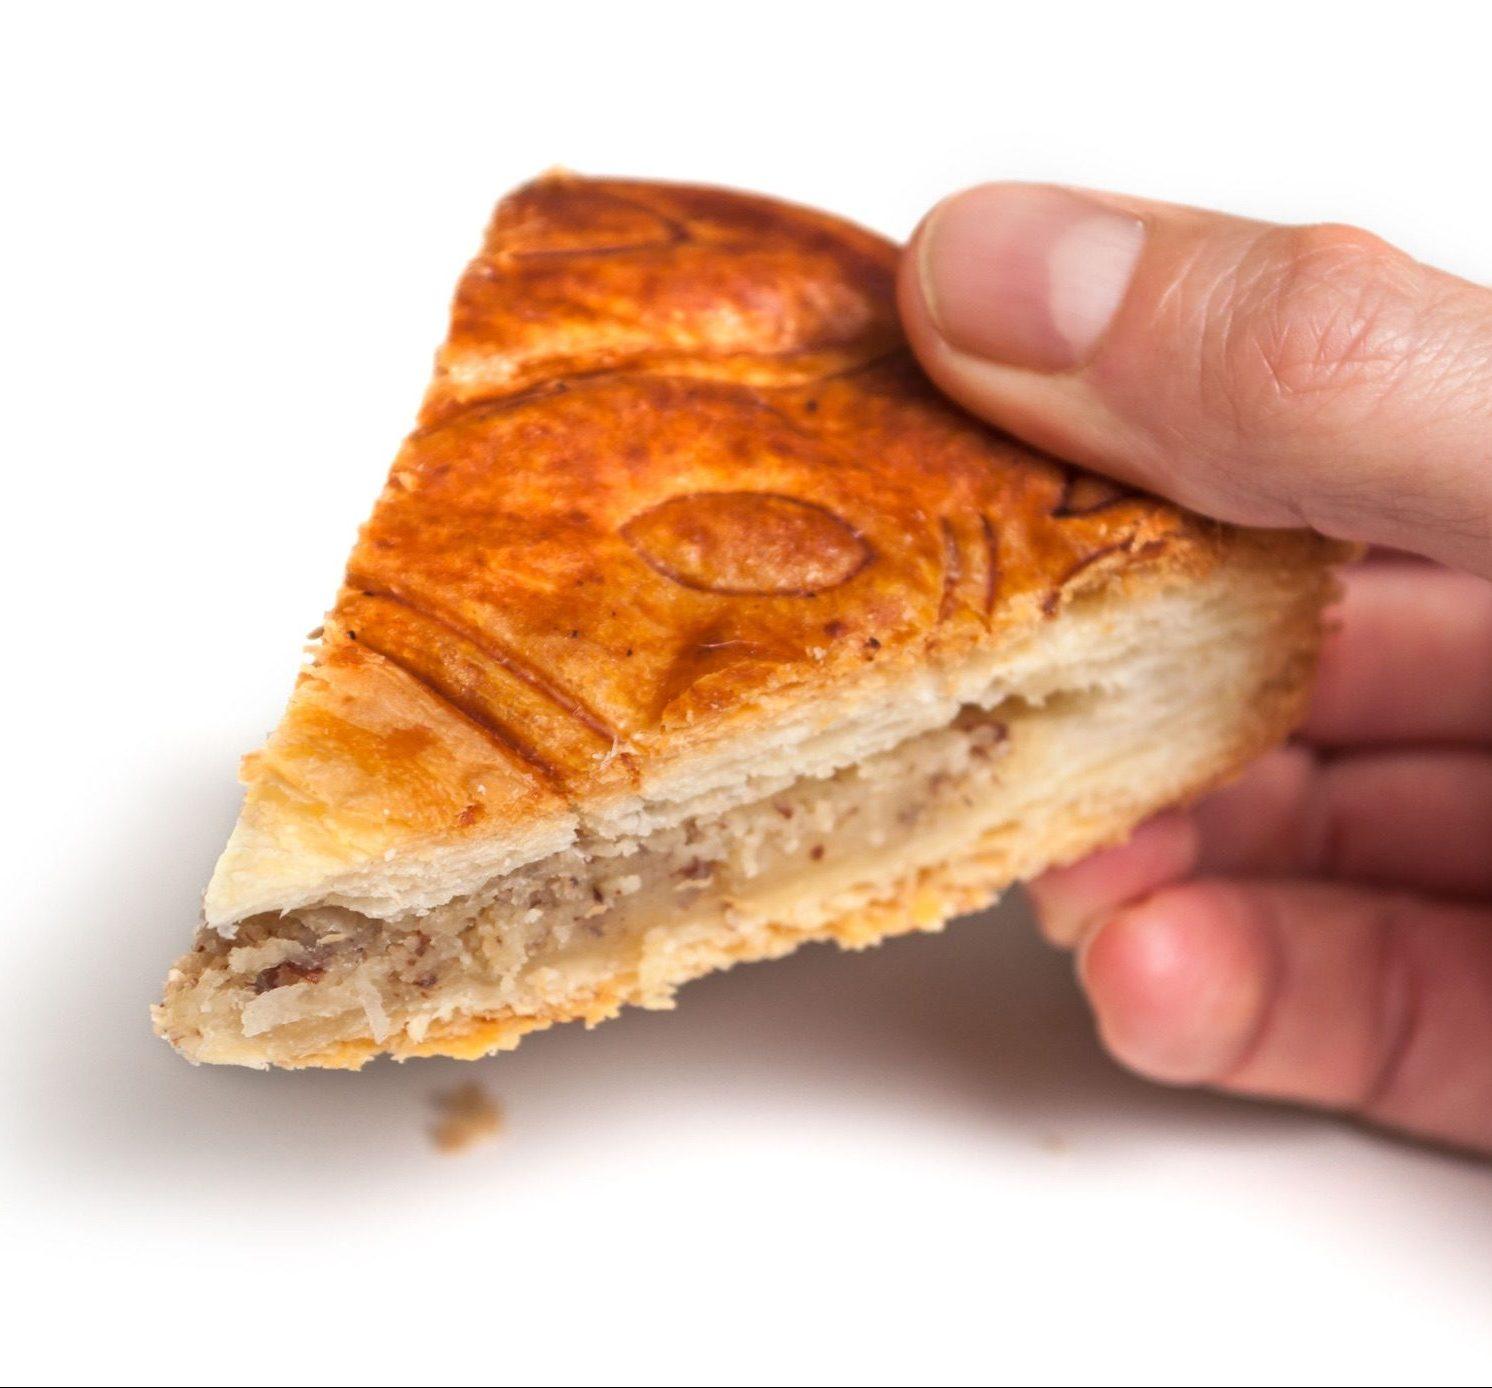 galette-des-rois-torta-dei-re-fetta